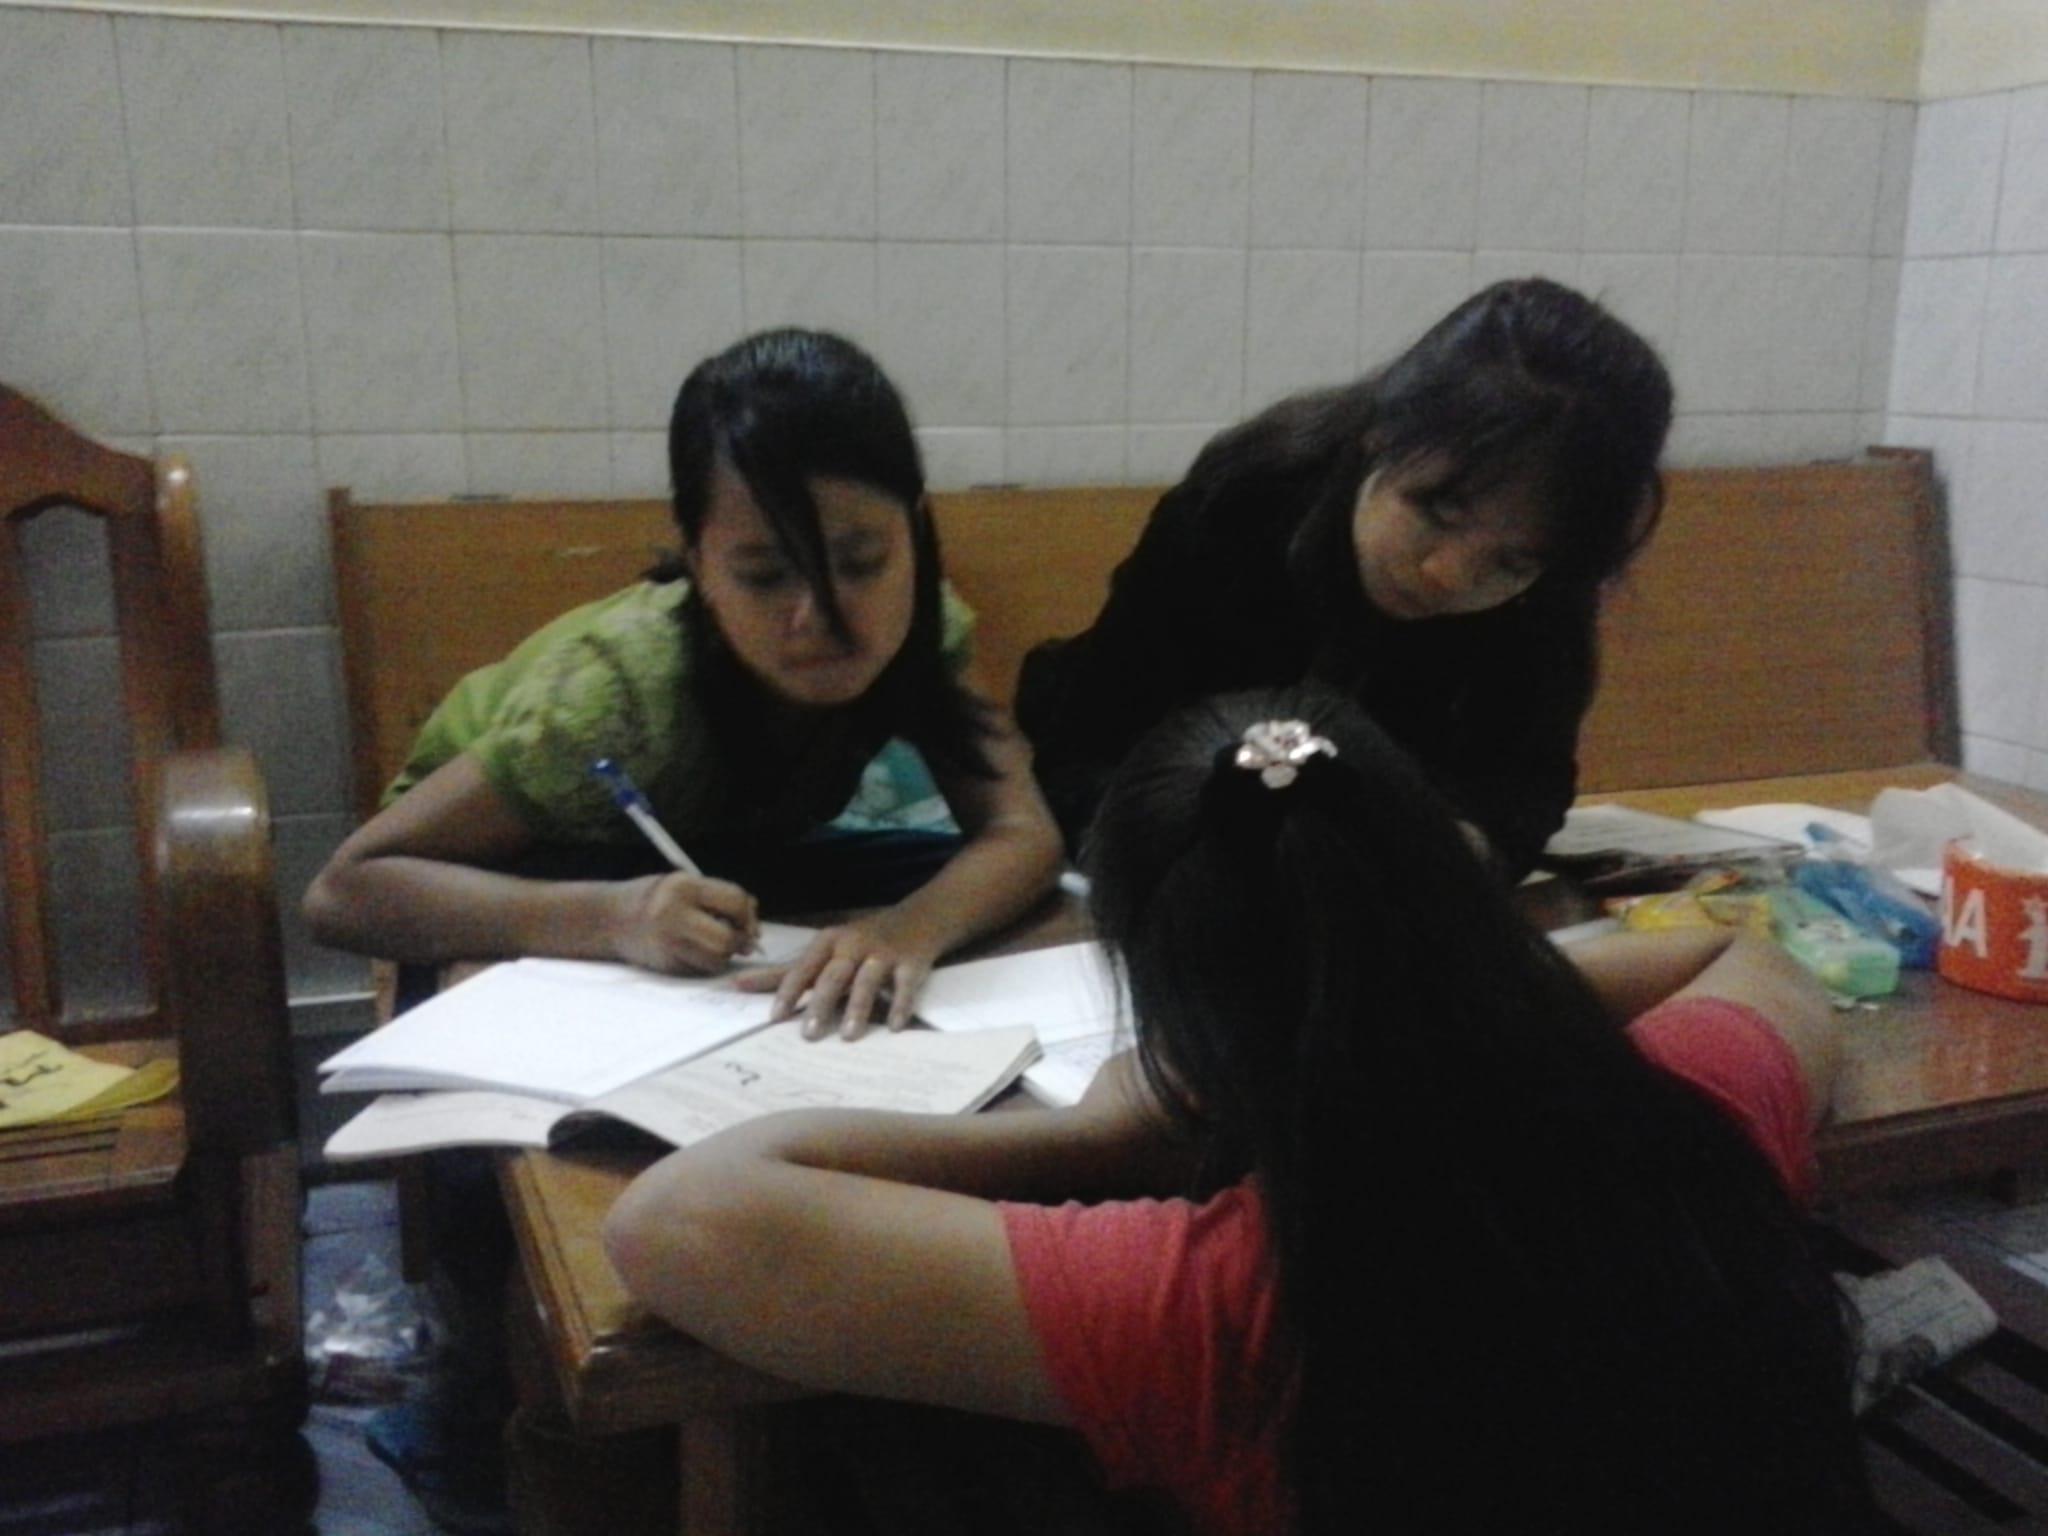 Las chicas con sus deberes .